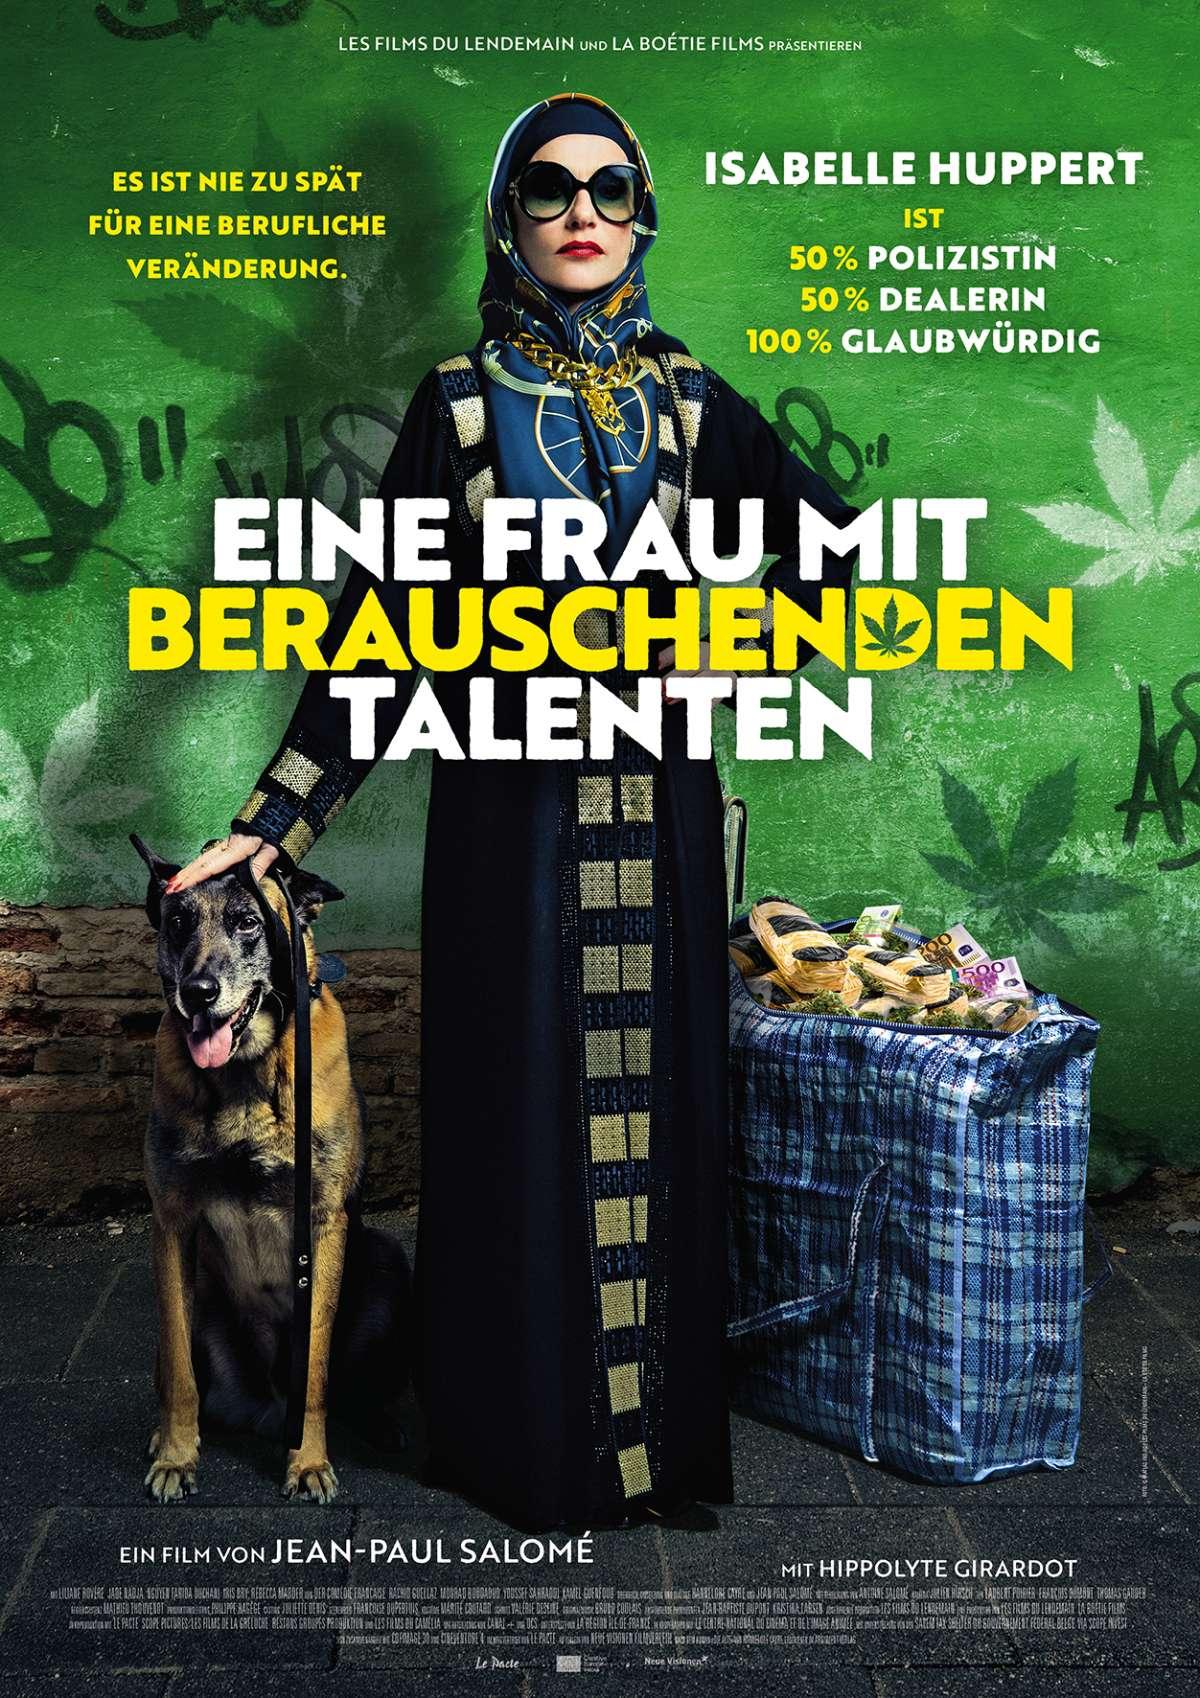 Eine Frau mit berauschenden Talenten - Kino  - Bad Driburg